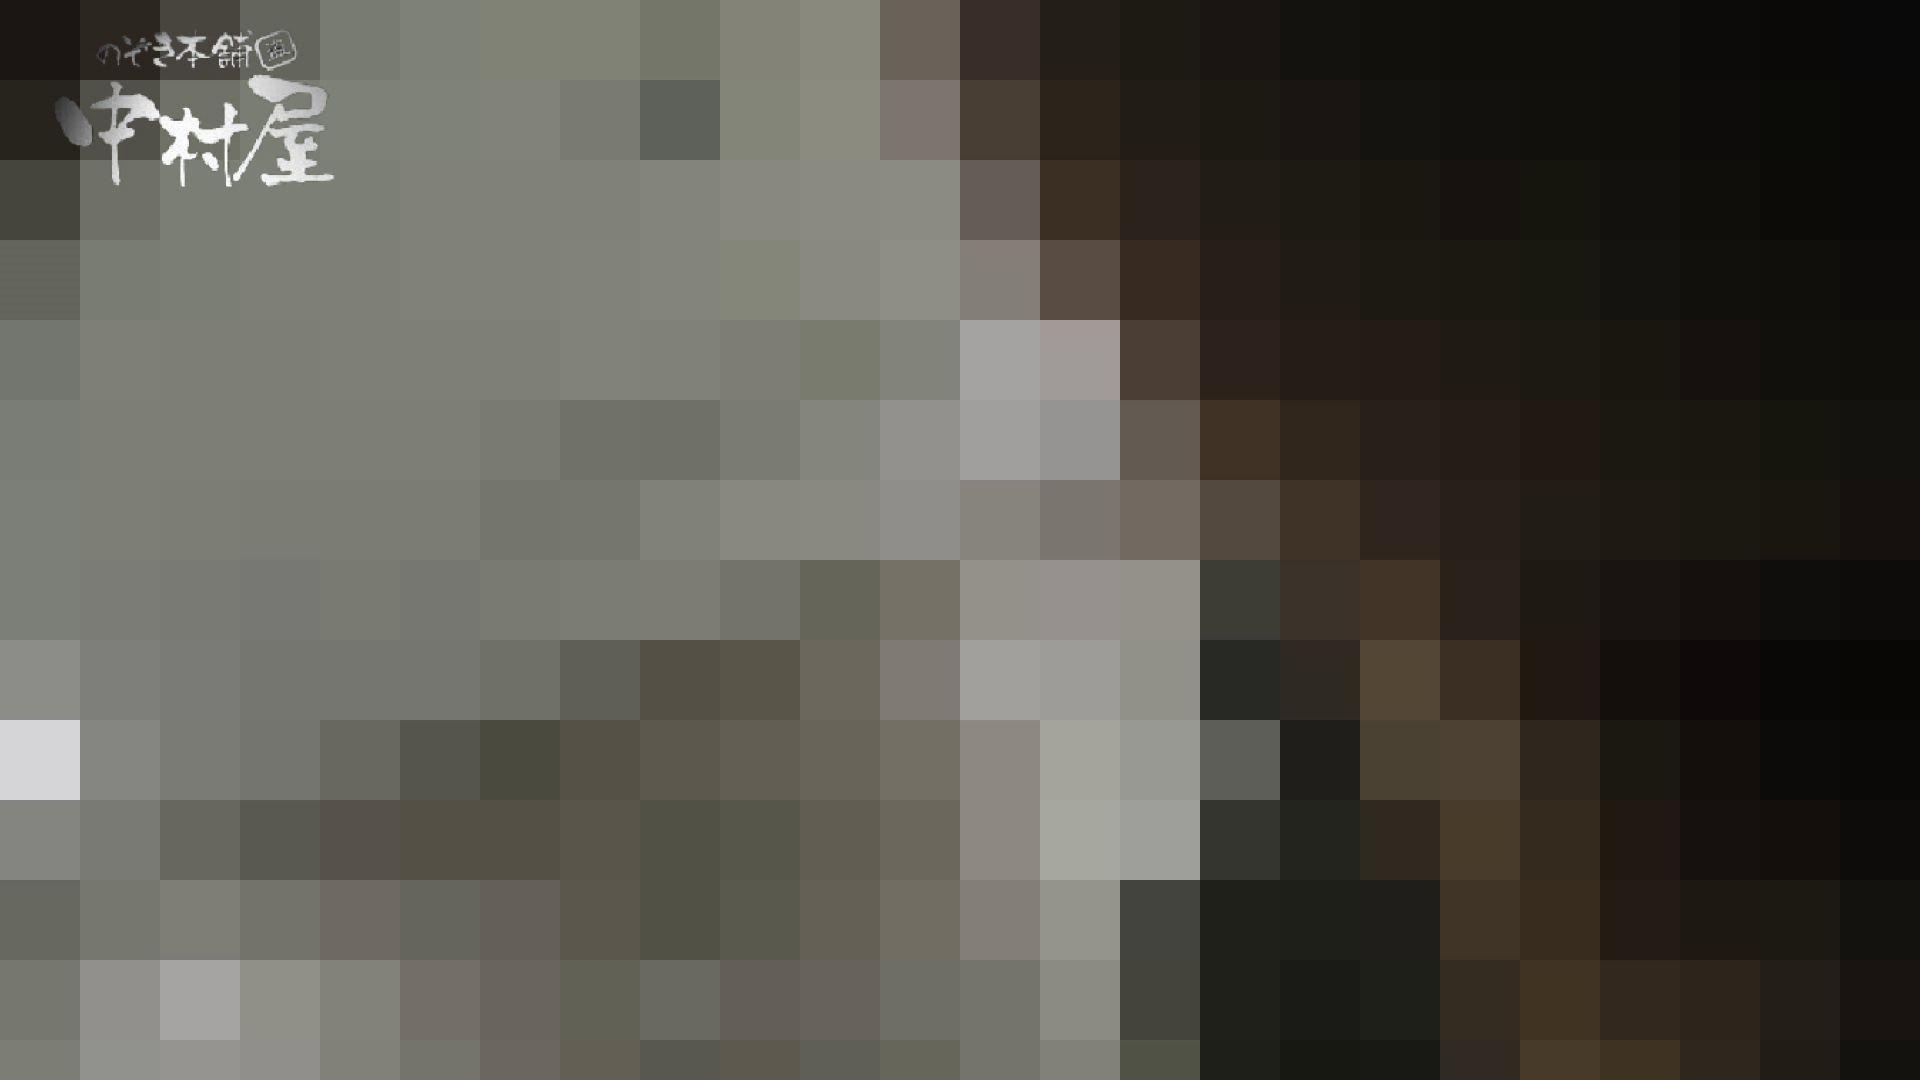 【世界の射窓から】世界の射窓から vol.18後編 洗面所編  102PIX 98